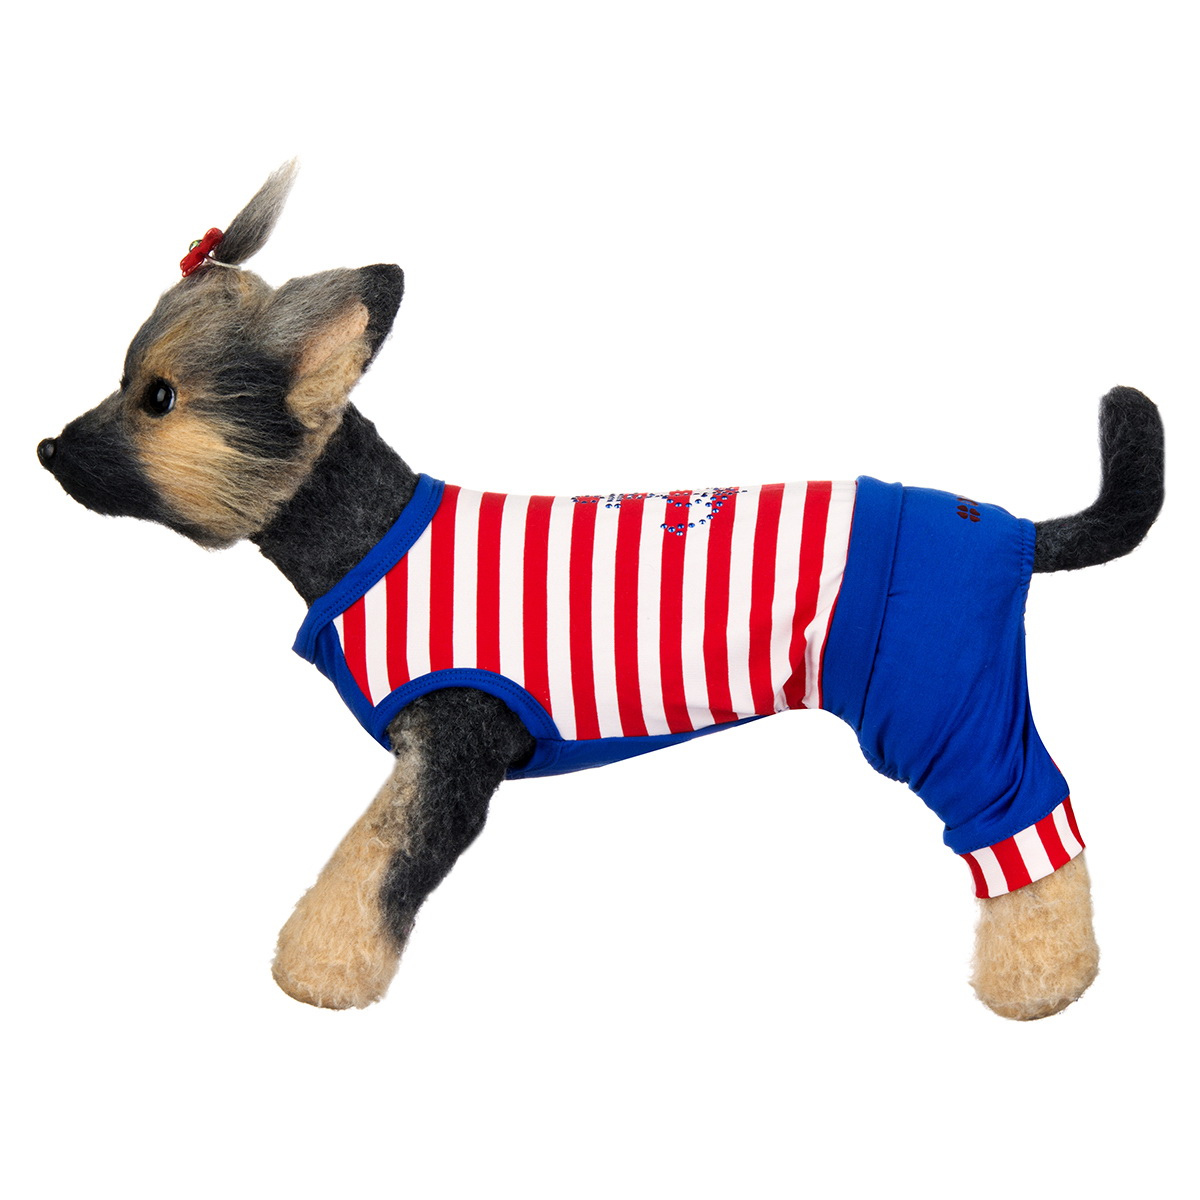 Комбинезон для собак Dogmoda Круиз, унисекс, цвет: красный, синий, белый. Размер 4 (XL) комбинезон для собак dogmoda грин унисекс цвет зеленый синий белый размер 4 xl